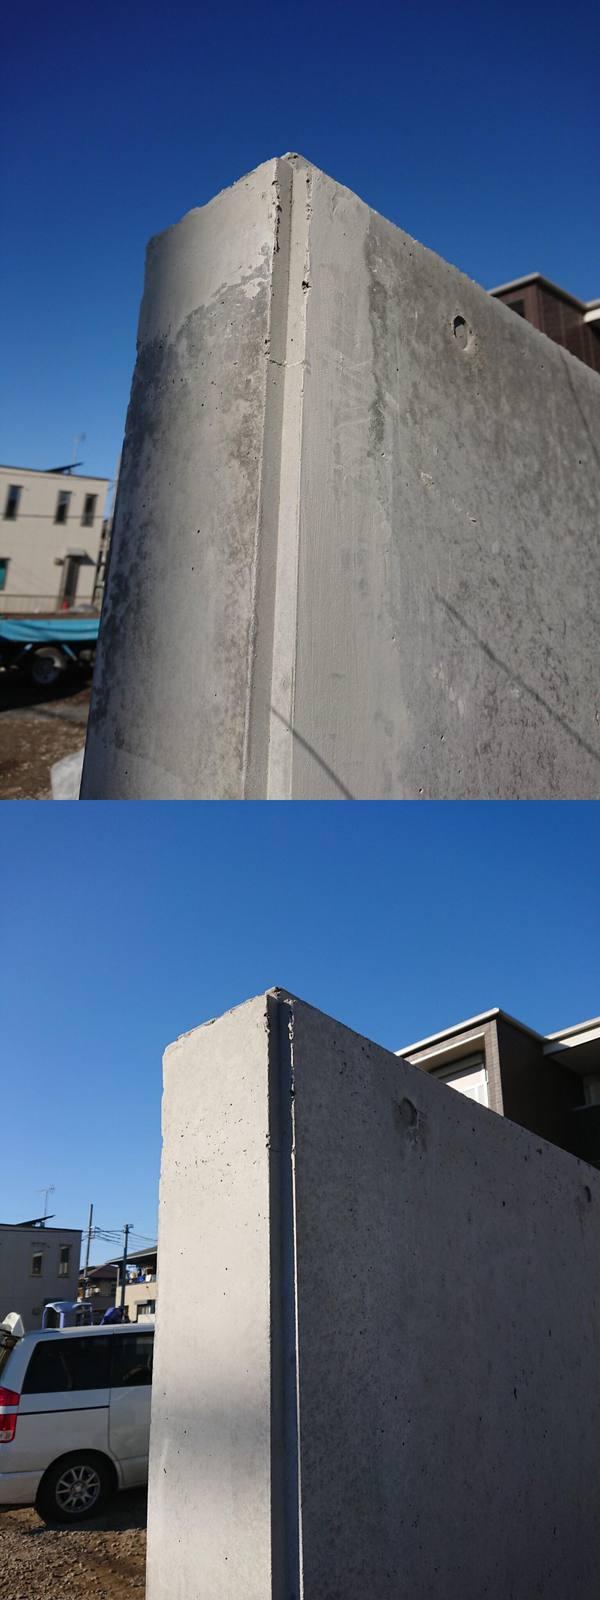 「施工能力を示すシンボル」 打ち放し・色合わせ・建材店・商社・擁壁・共同住宅・価格